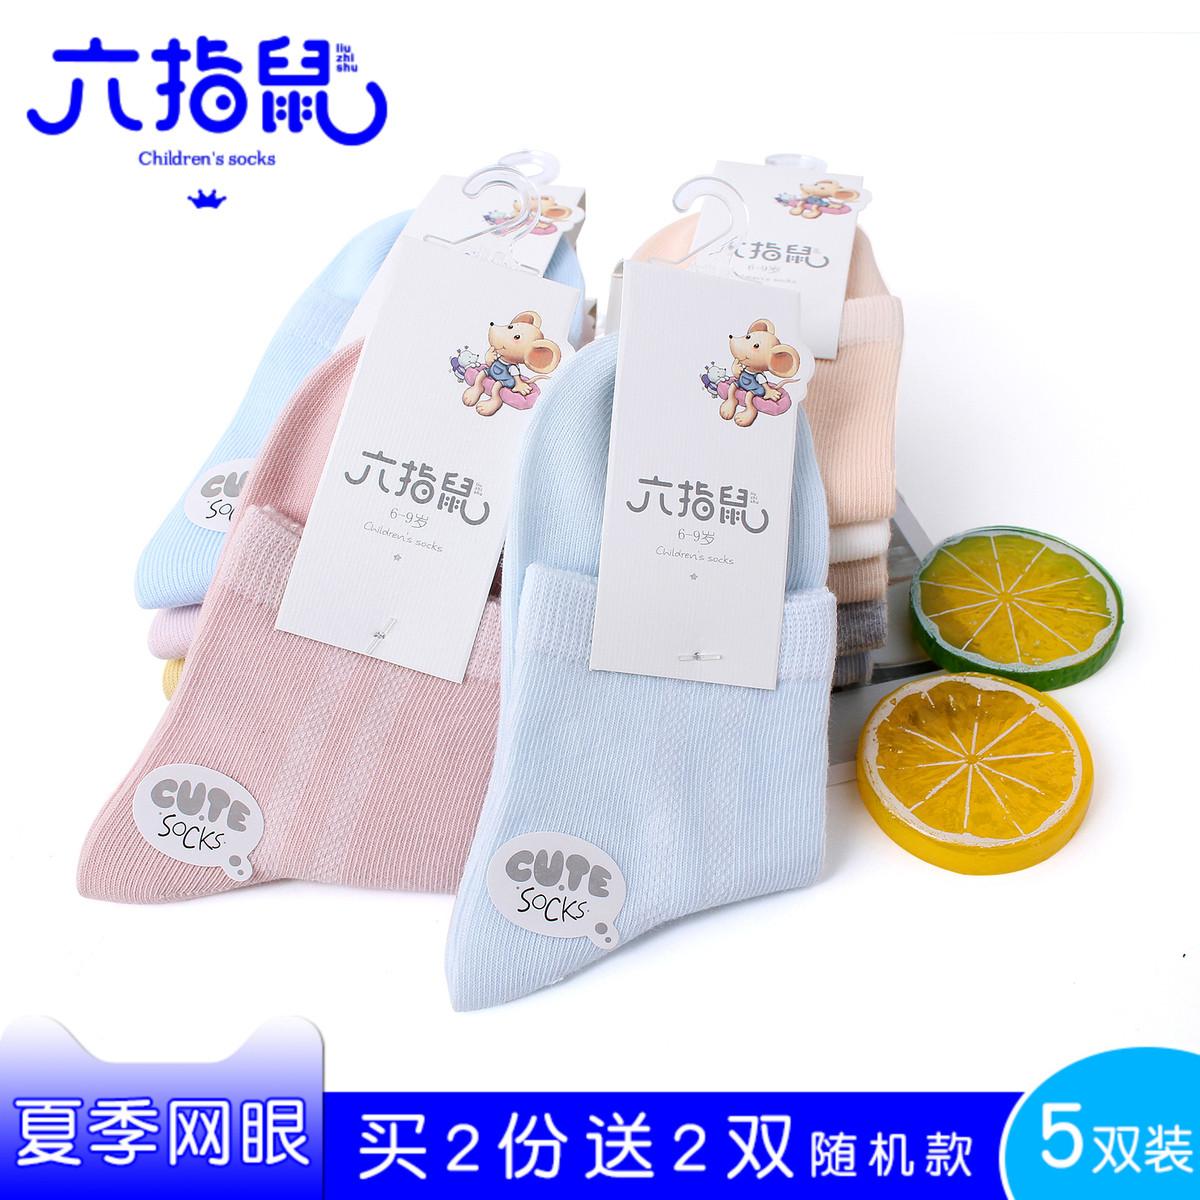 六指鼠儿童袜子春夏季薄棉网眼中筒学生袜子白运动袜纯色纯棉袜子